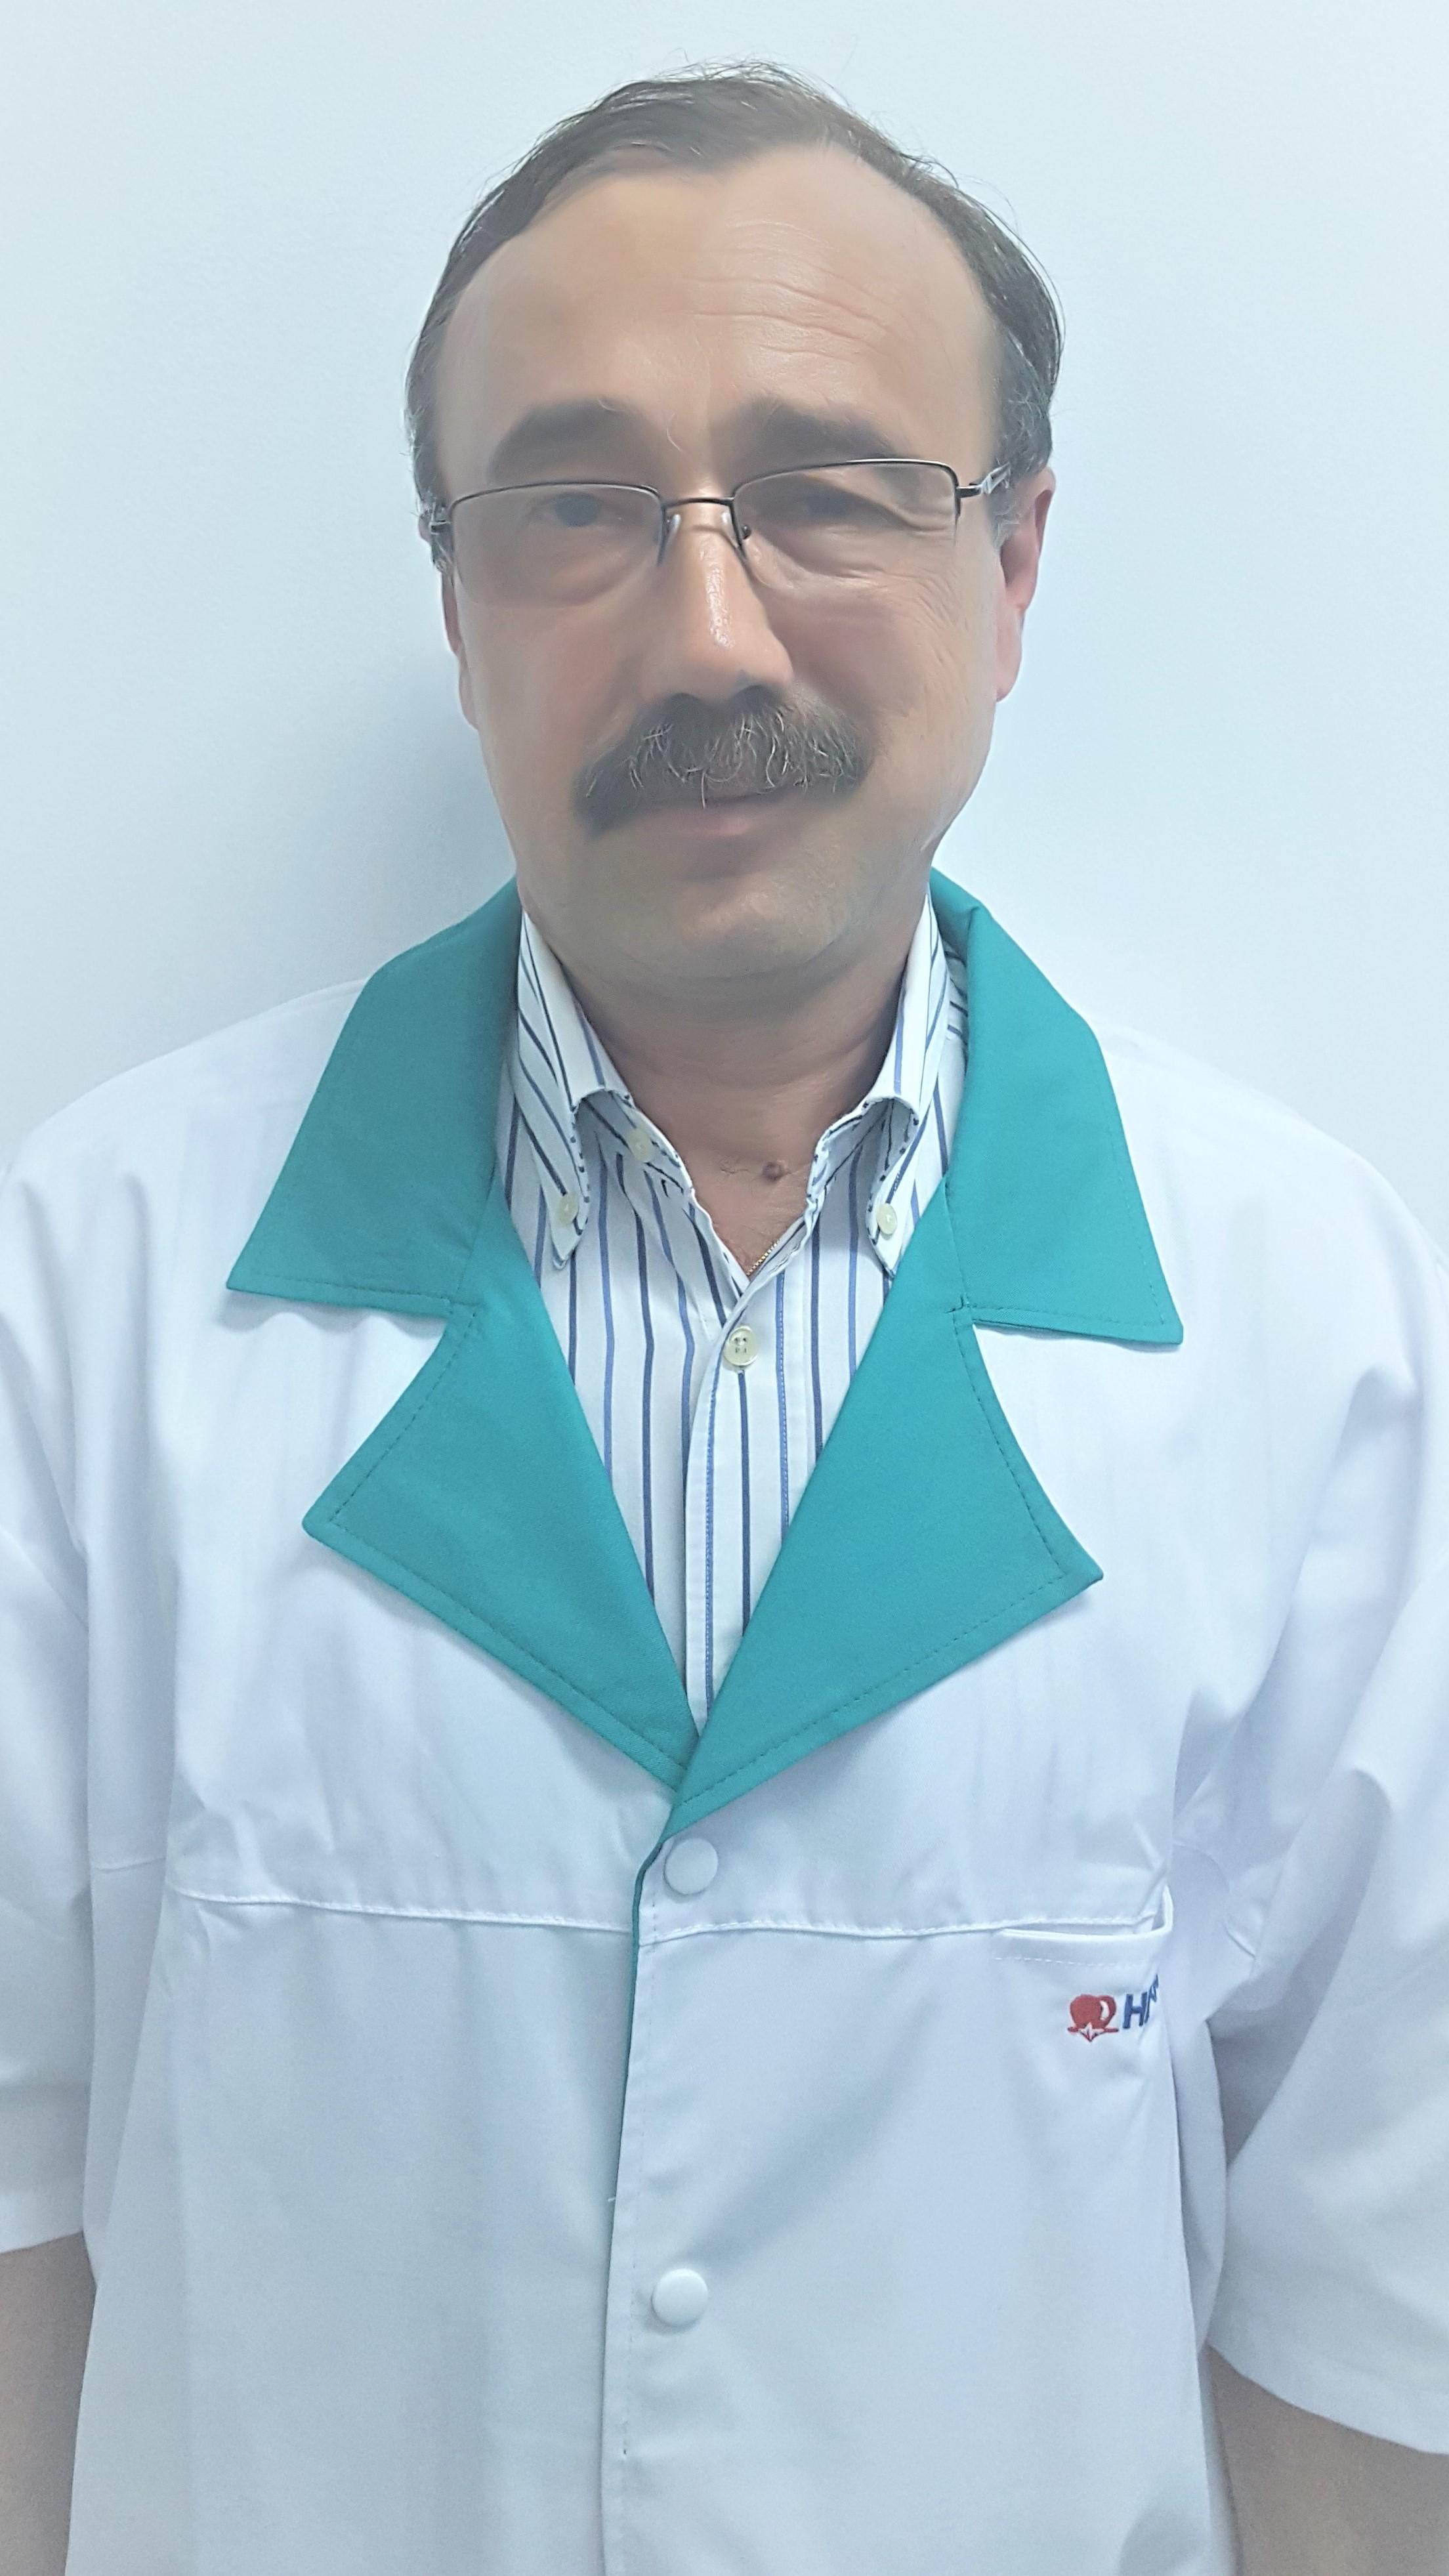 Dr. Mihai Apavaloaei